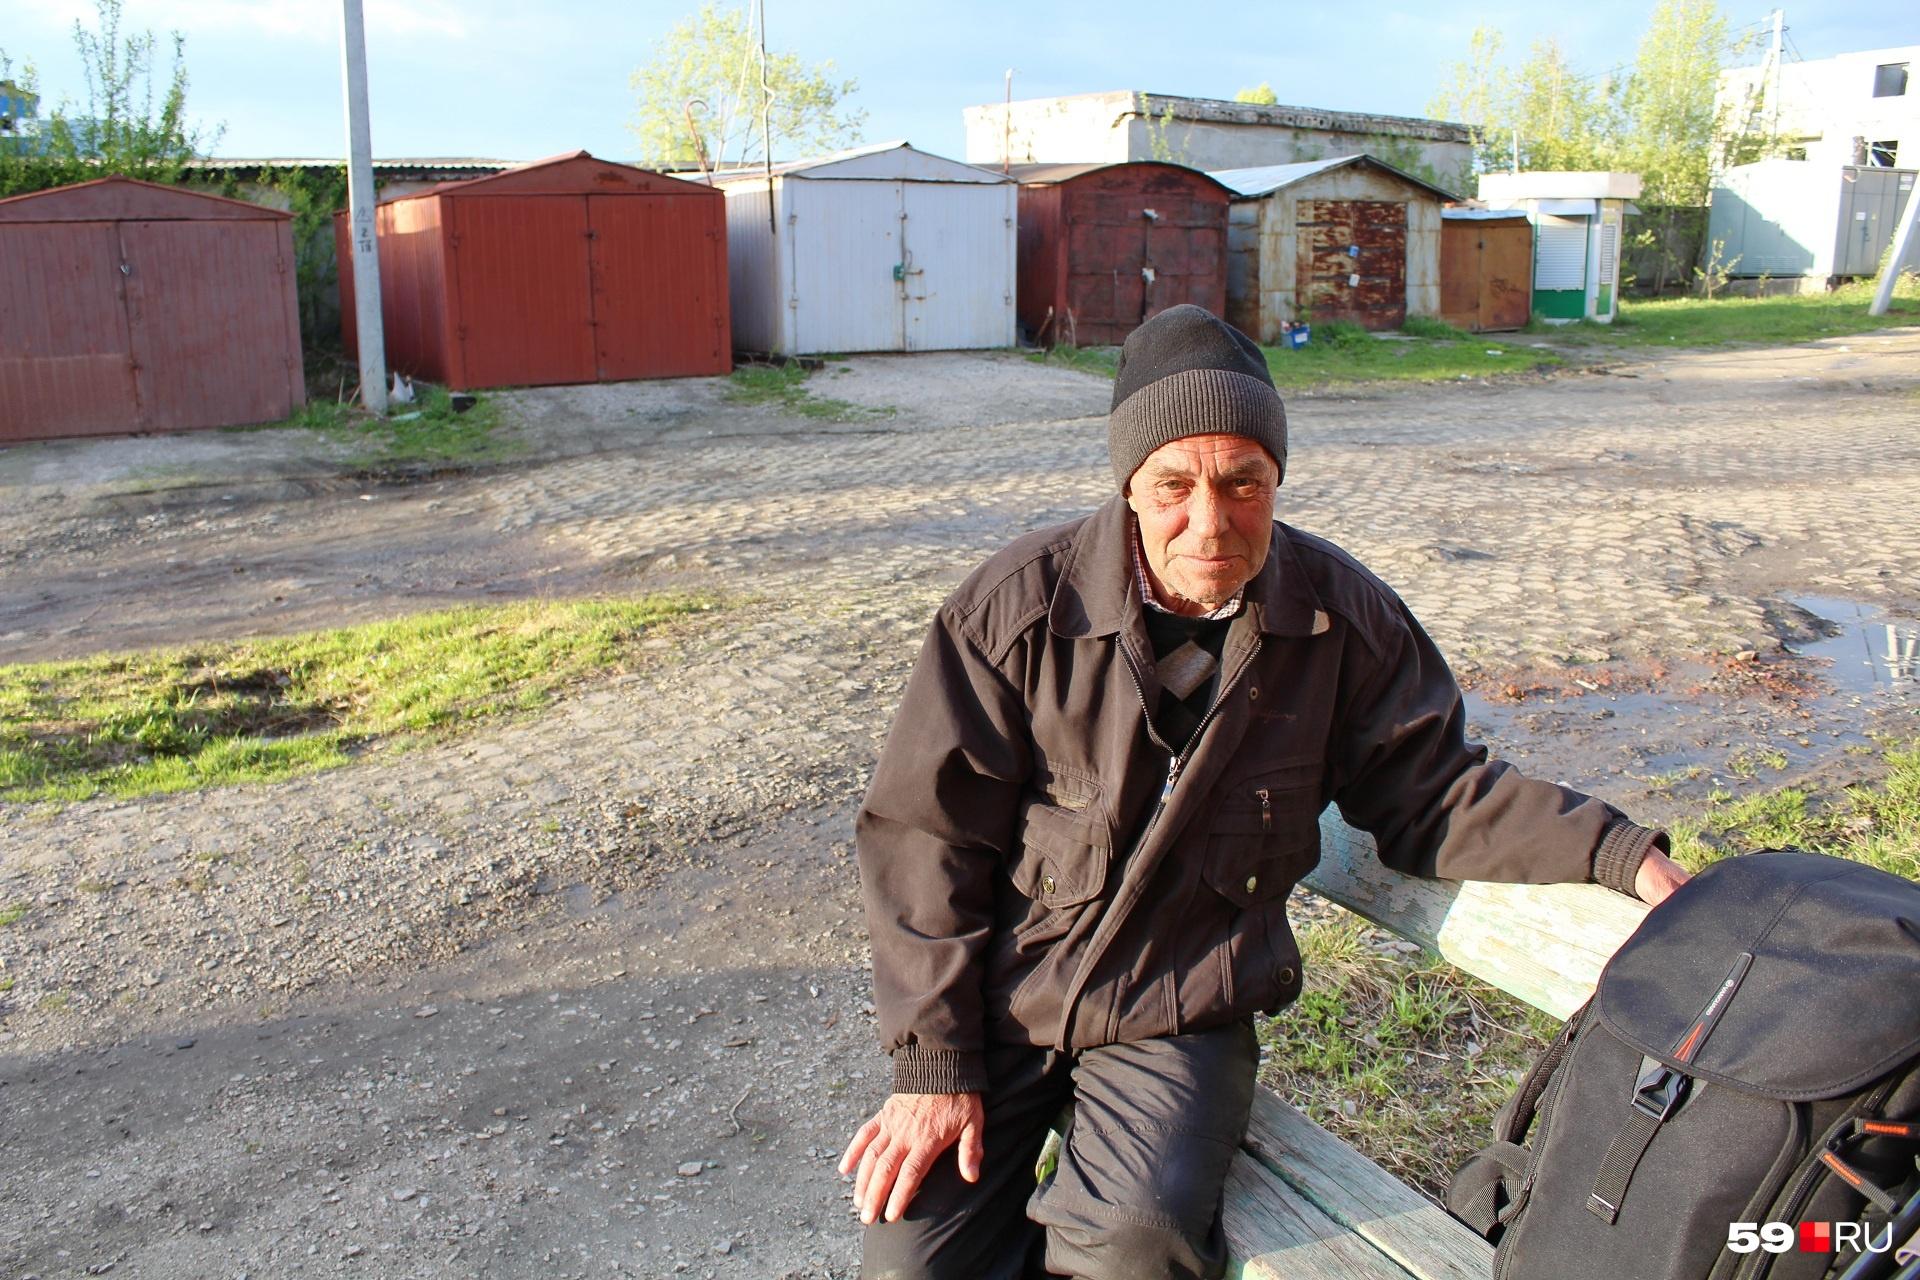 Это Афанасий. Ему 64 года. Родом из Сивы